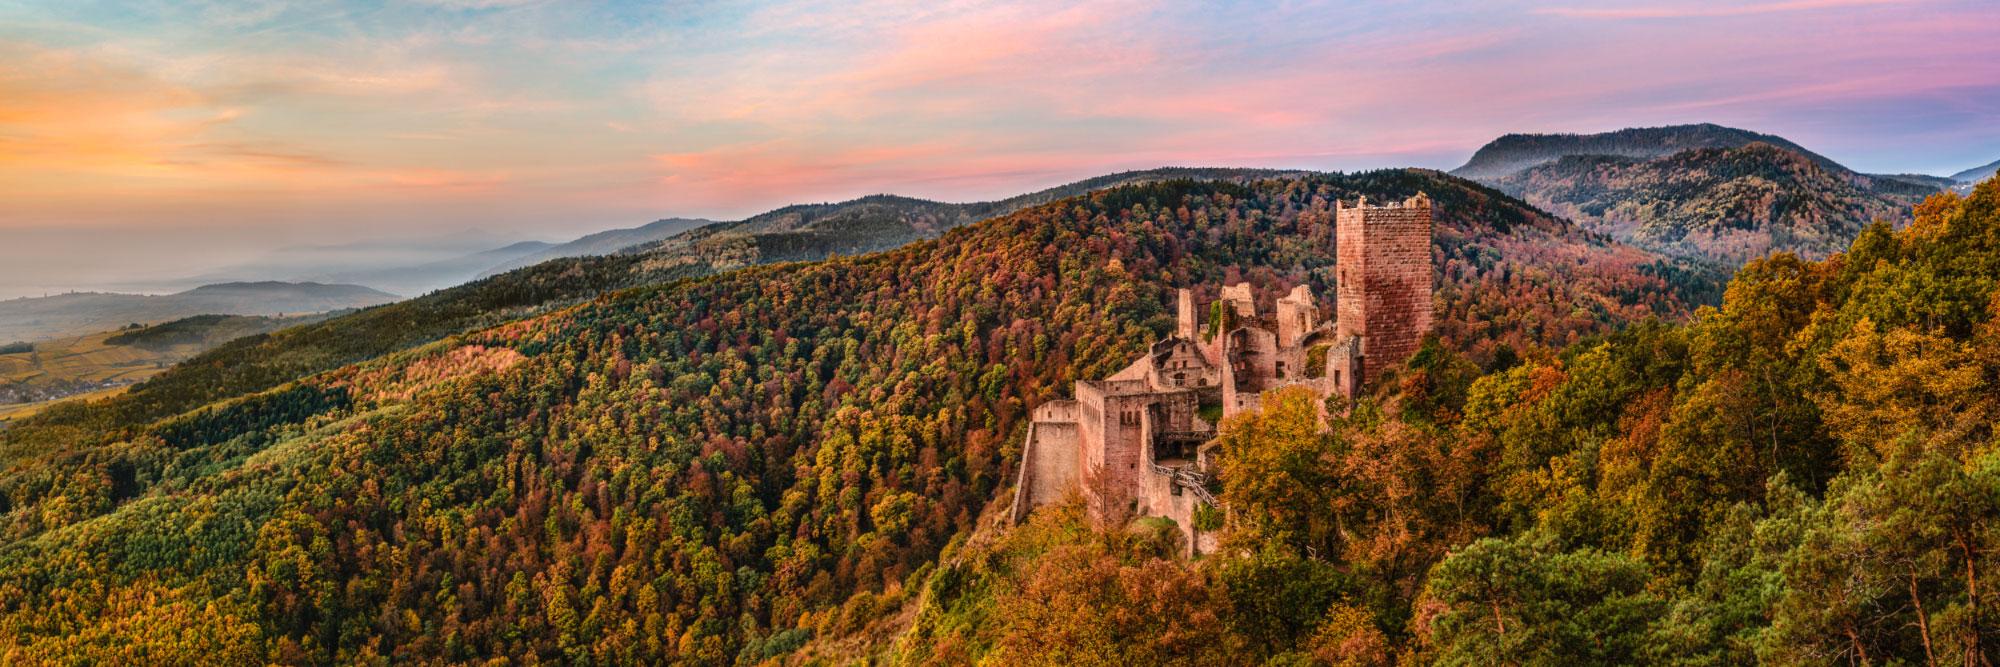 Château de Saint-Ulrich dominant la plaine d'Alsace, Vosges